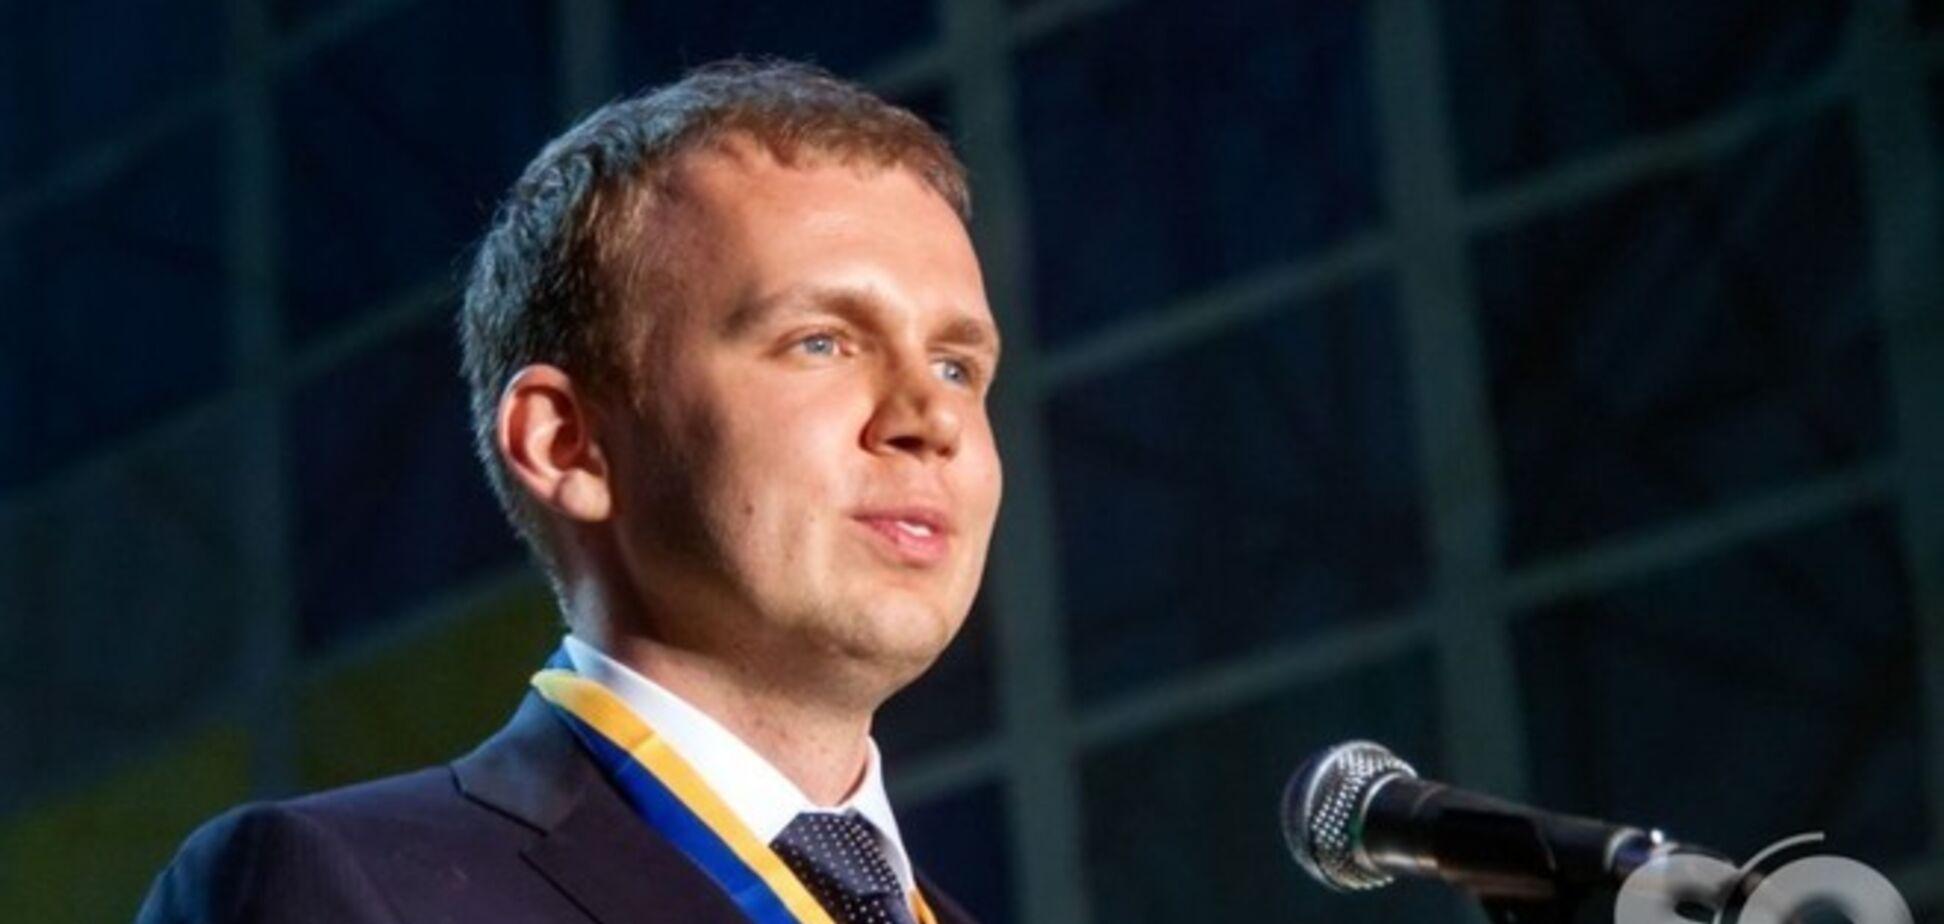 Курченко утверждает, что в Украине нет уголовного дела против него